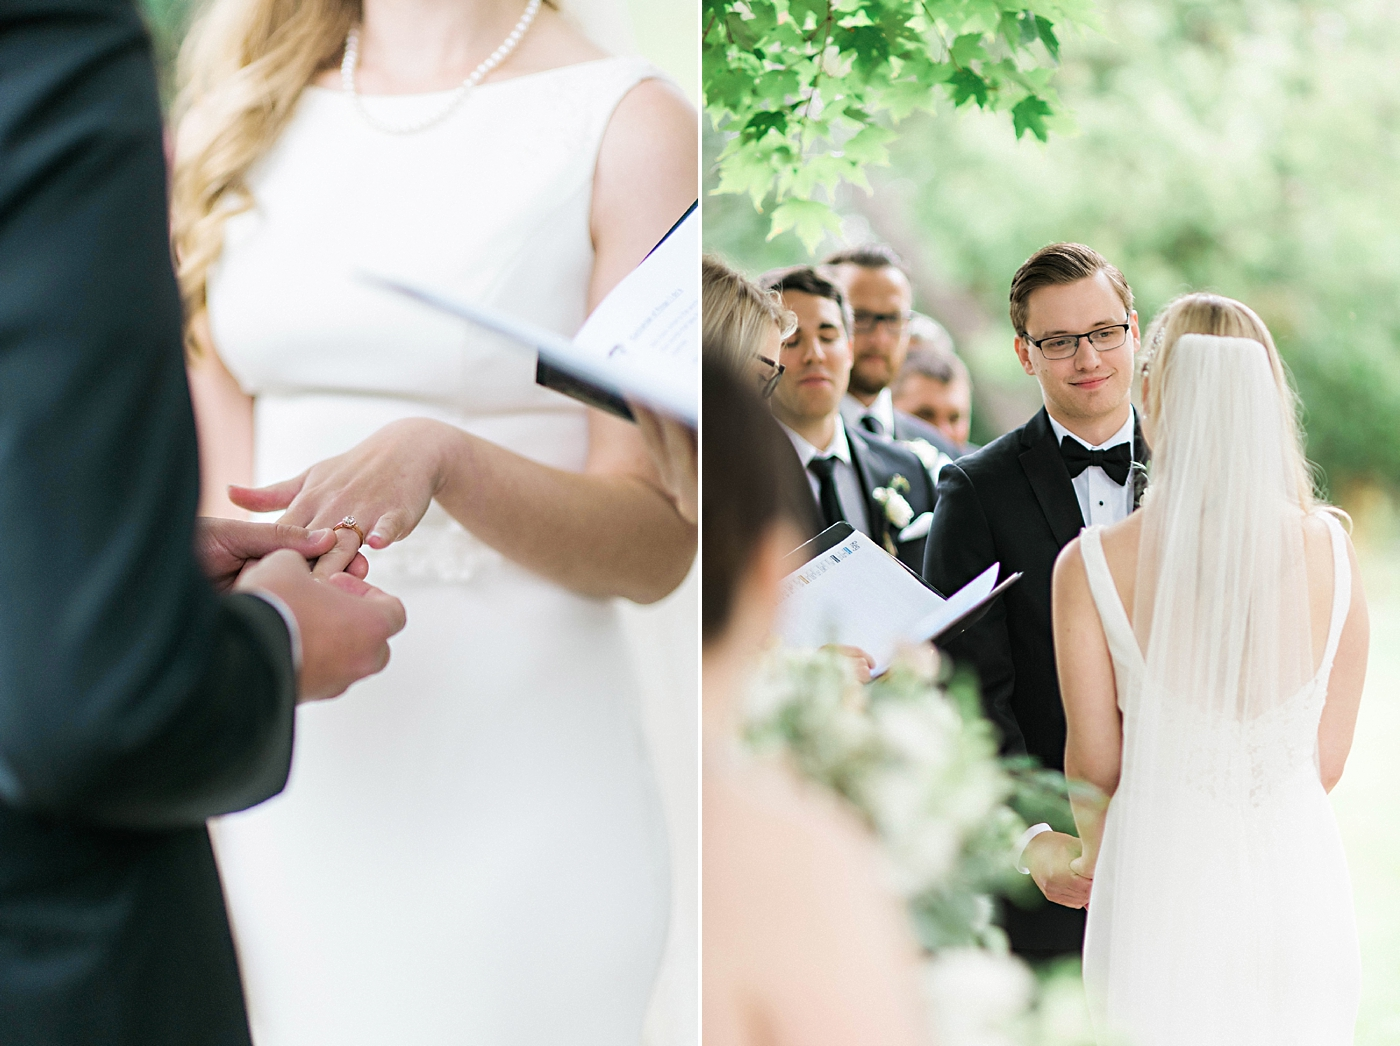 Halifax-Wedding-Photographer-New Brunswick Wedding- Nicolle & Ethan39.jpeg